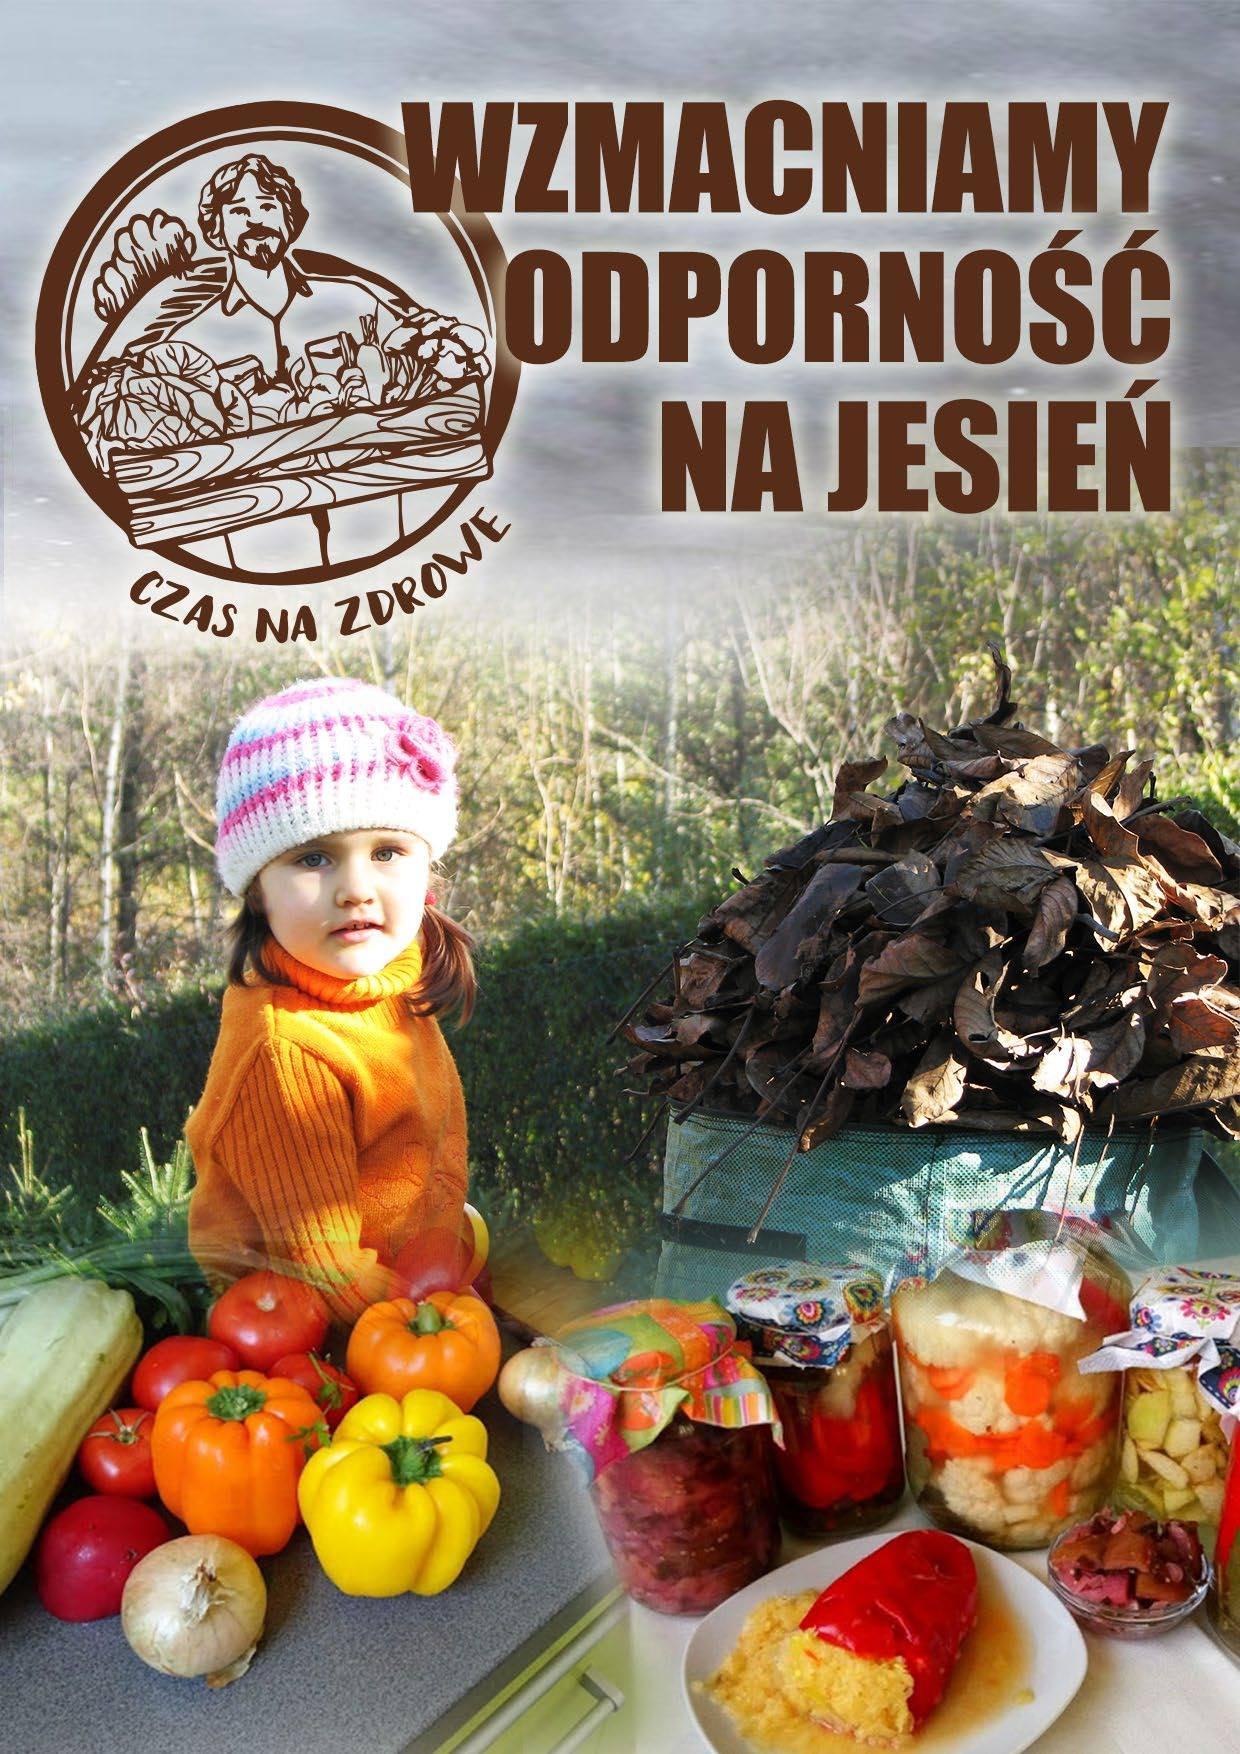 Wzmacniamy odporność na jesień!